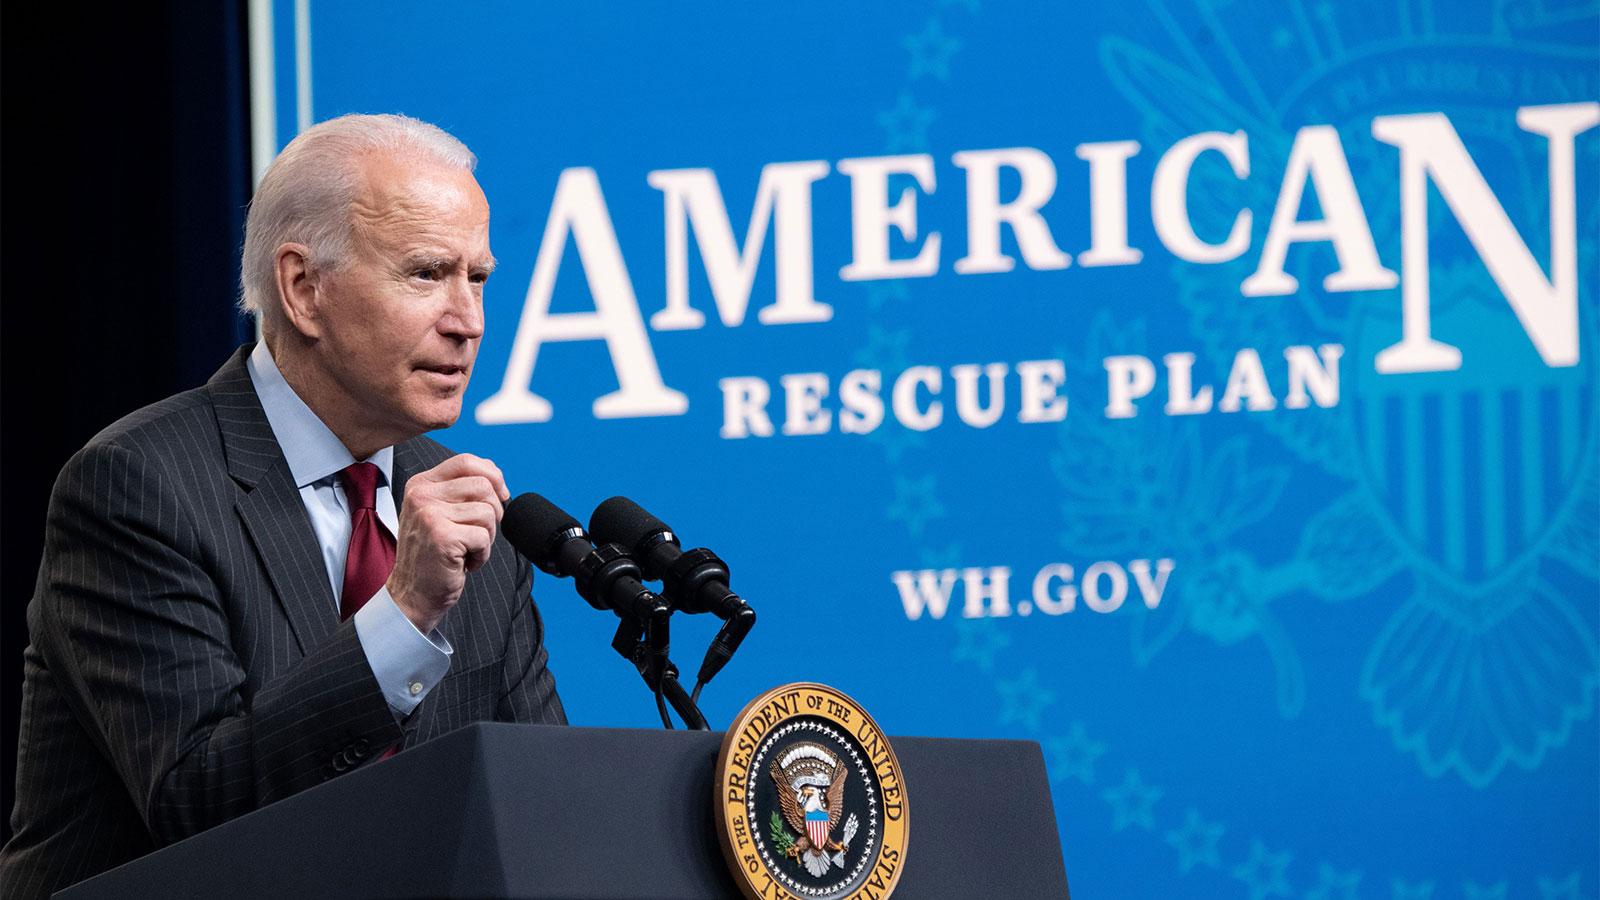 US President Joe Biden speaks about the American Rescue Plan